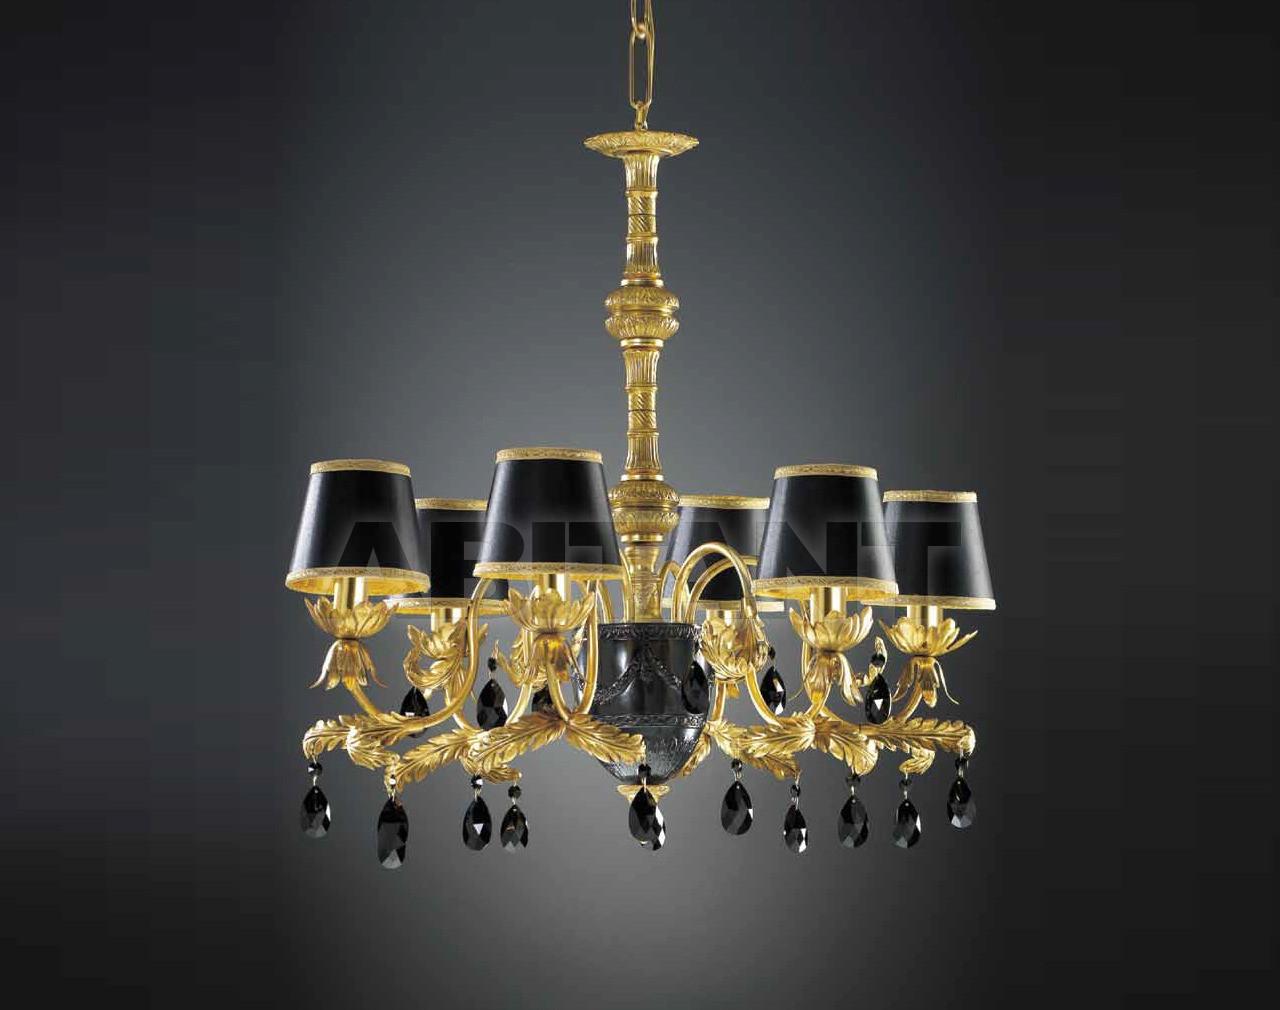 Купить Люстра Villari Home And Lights 4024348-801